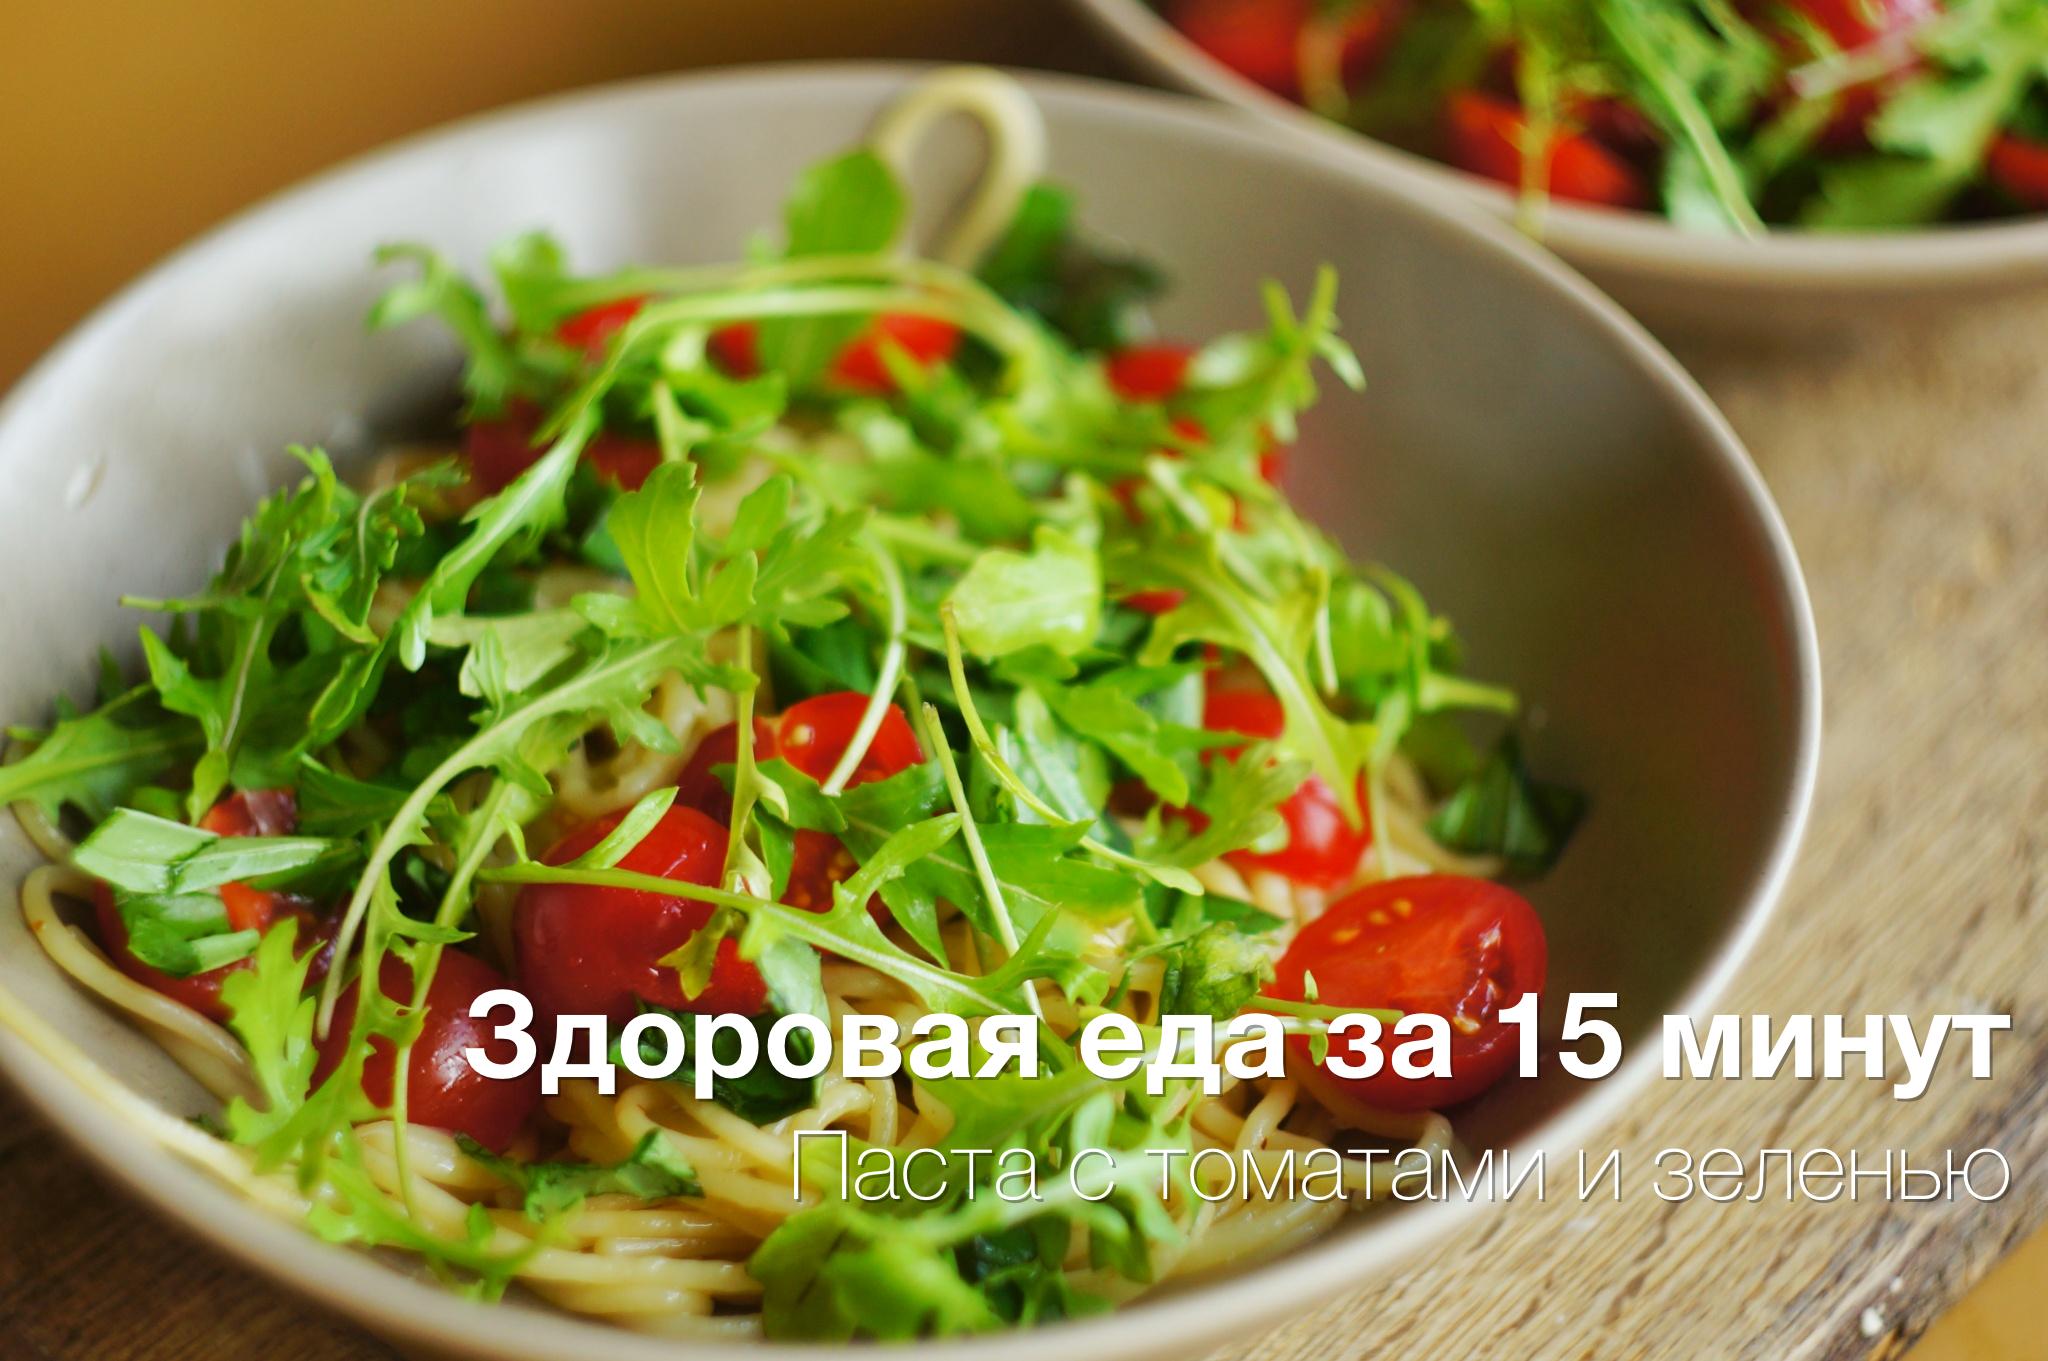 Здоровая еда за 15 минут: Как приготовить пасту с томатами и зеленью